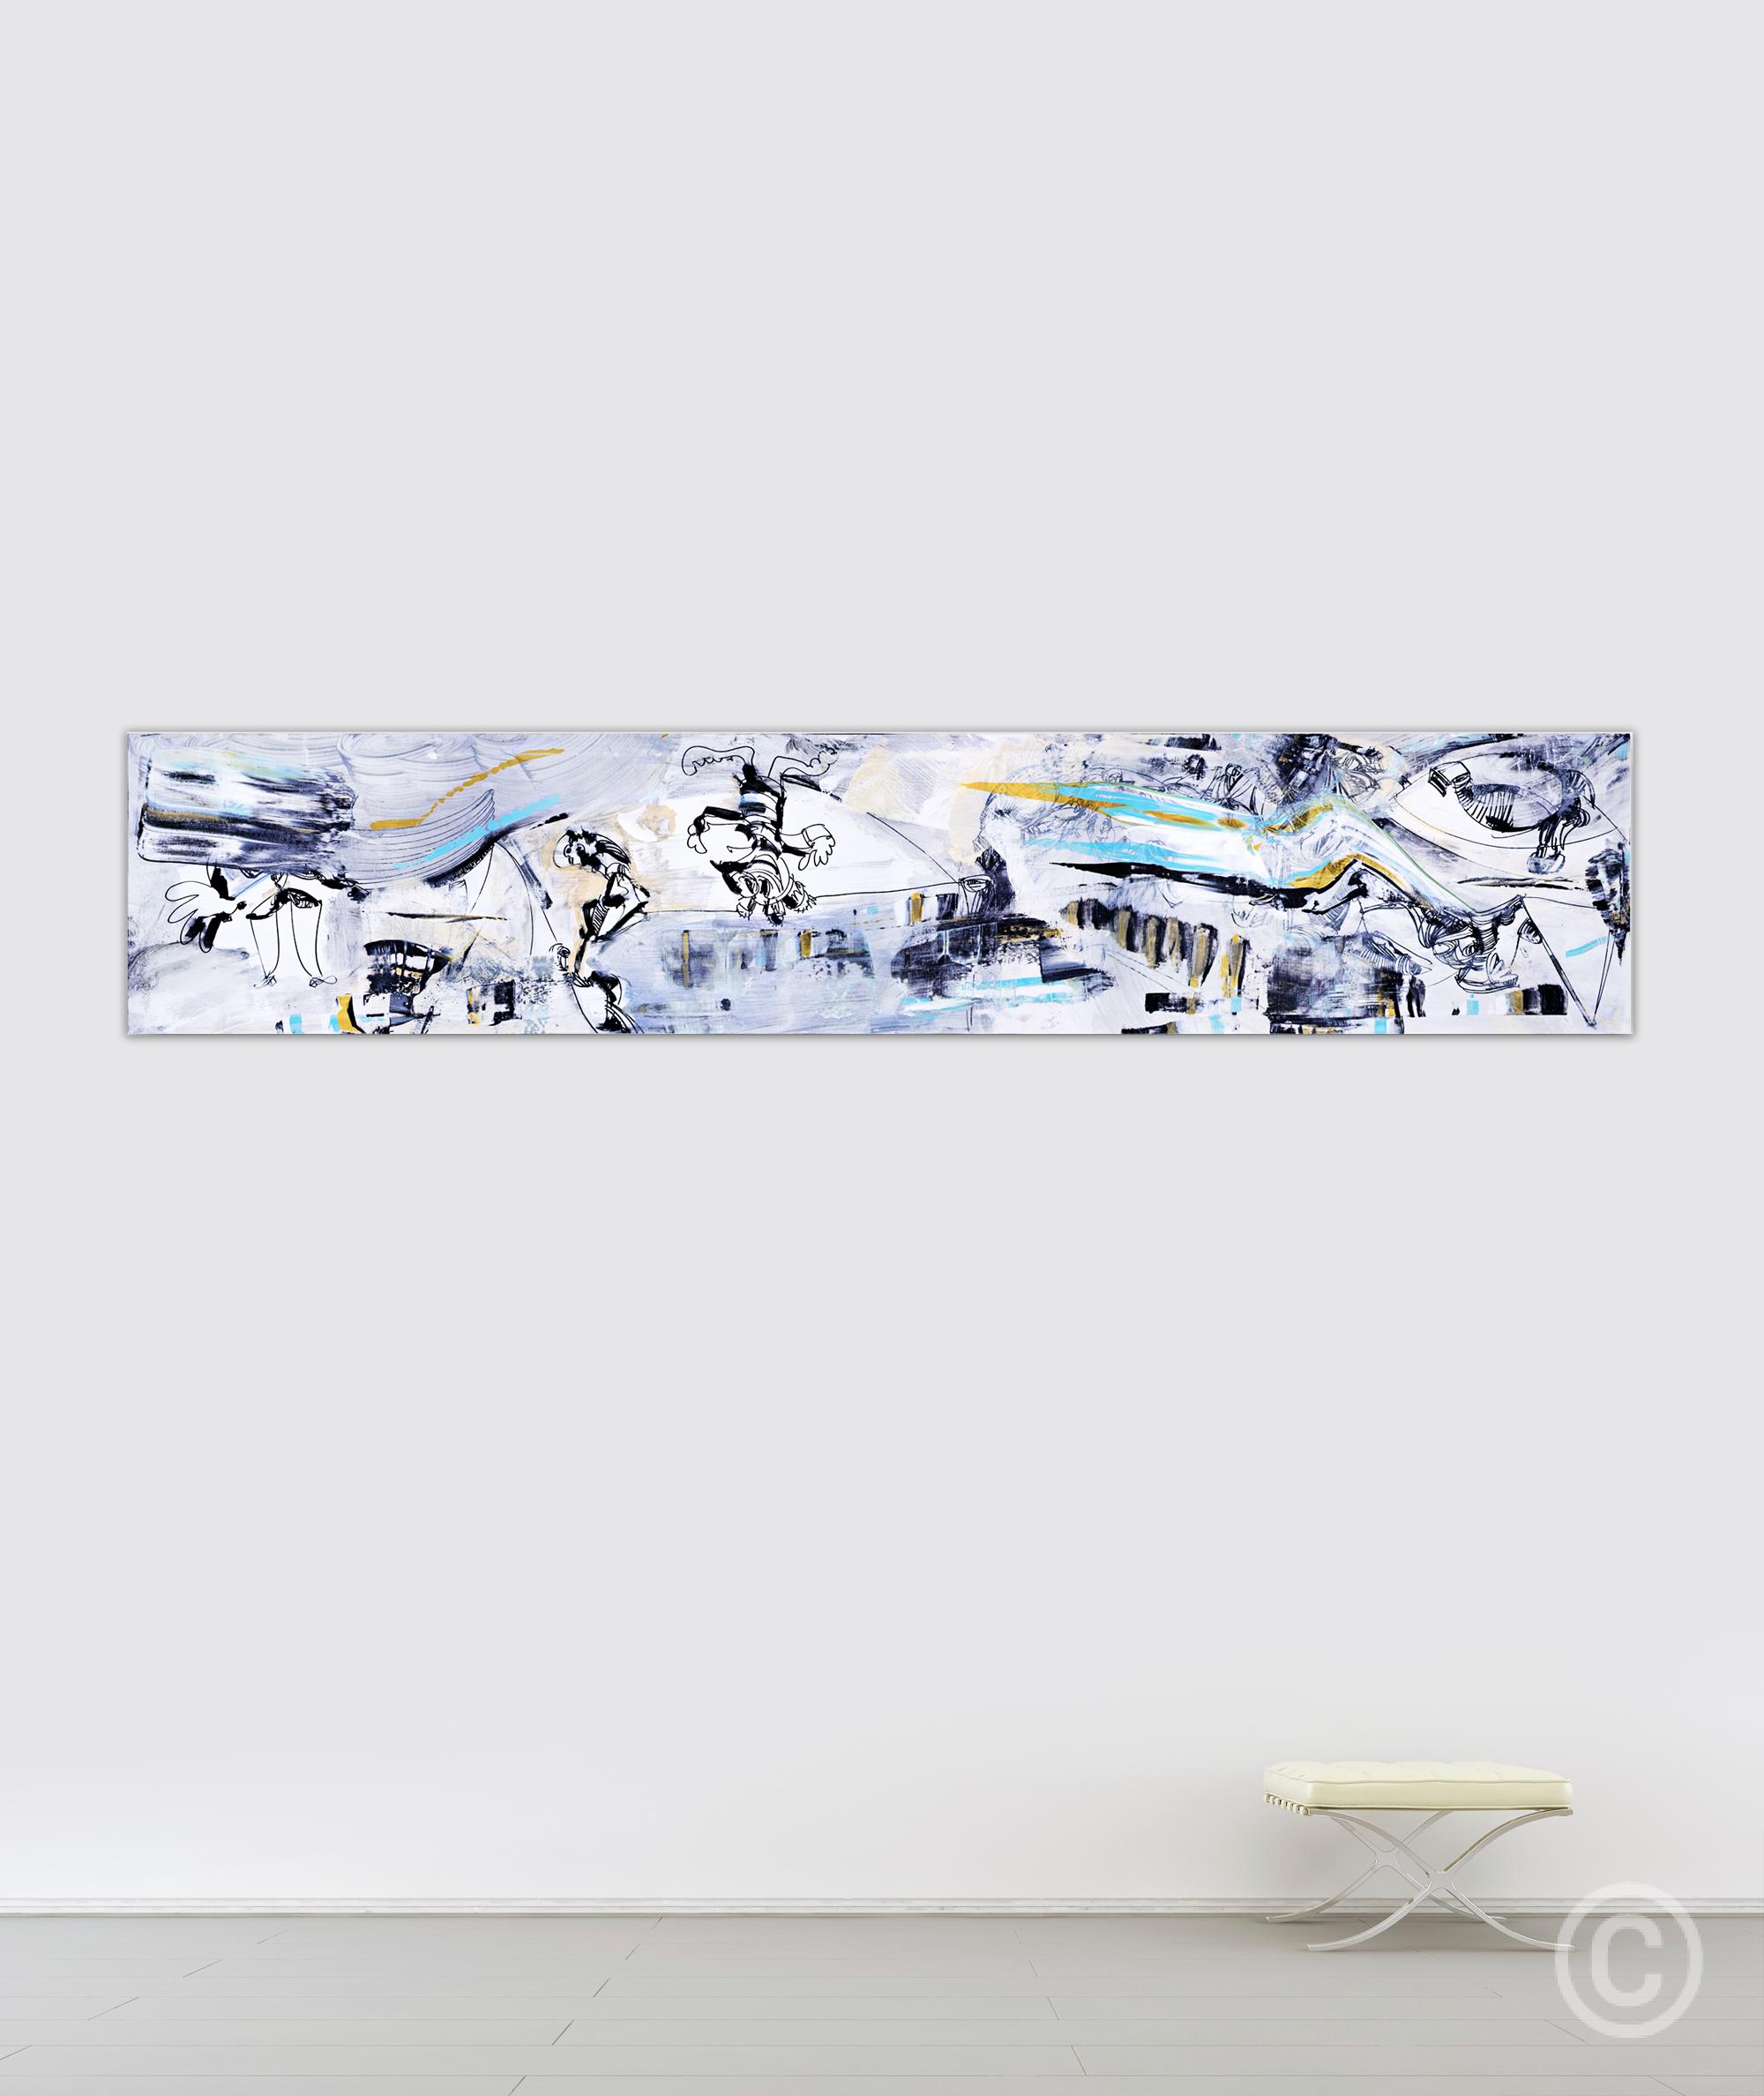 AABA (Bleu) Exhibit - [250 x 51 cm] Acrylic on linen © Prosper Jerominus, 2015